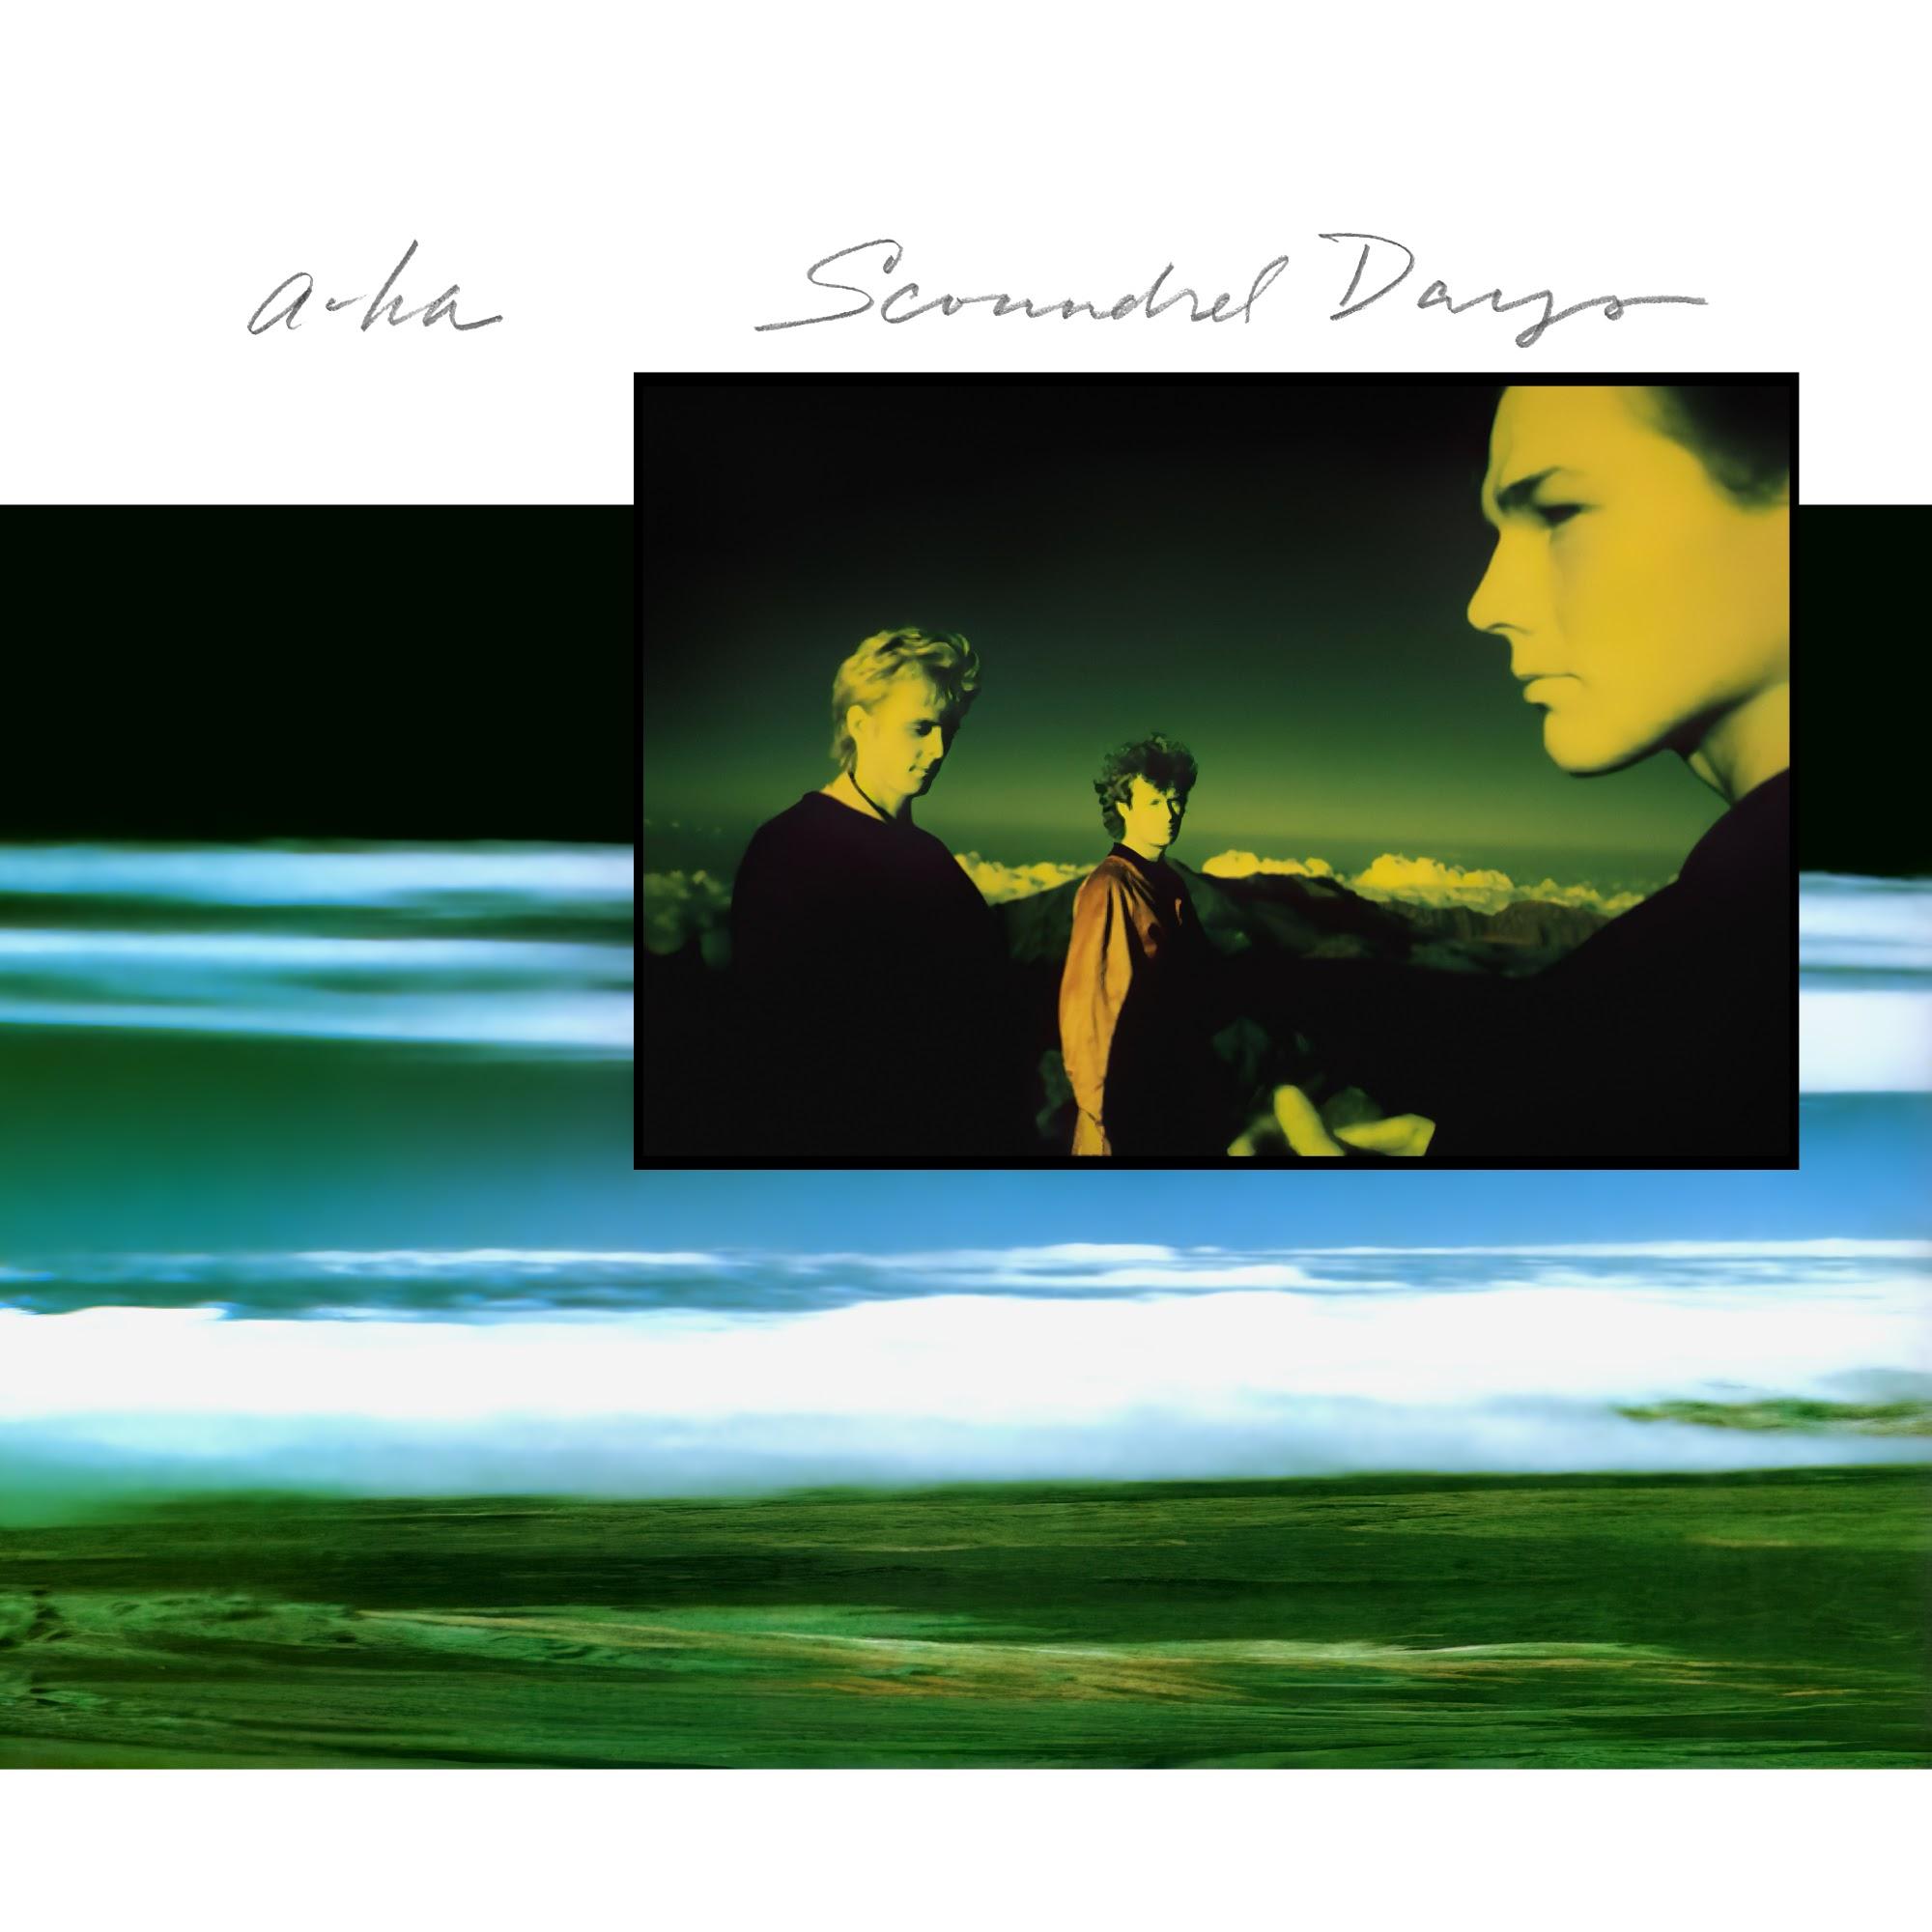 Album Artist: A-ha / Album Title: Scoundrel Days [CD Album Art]